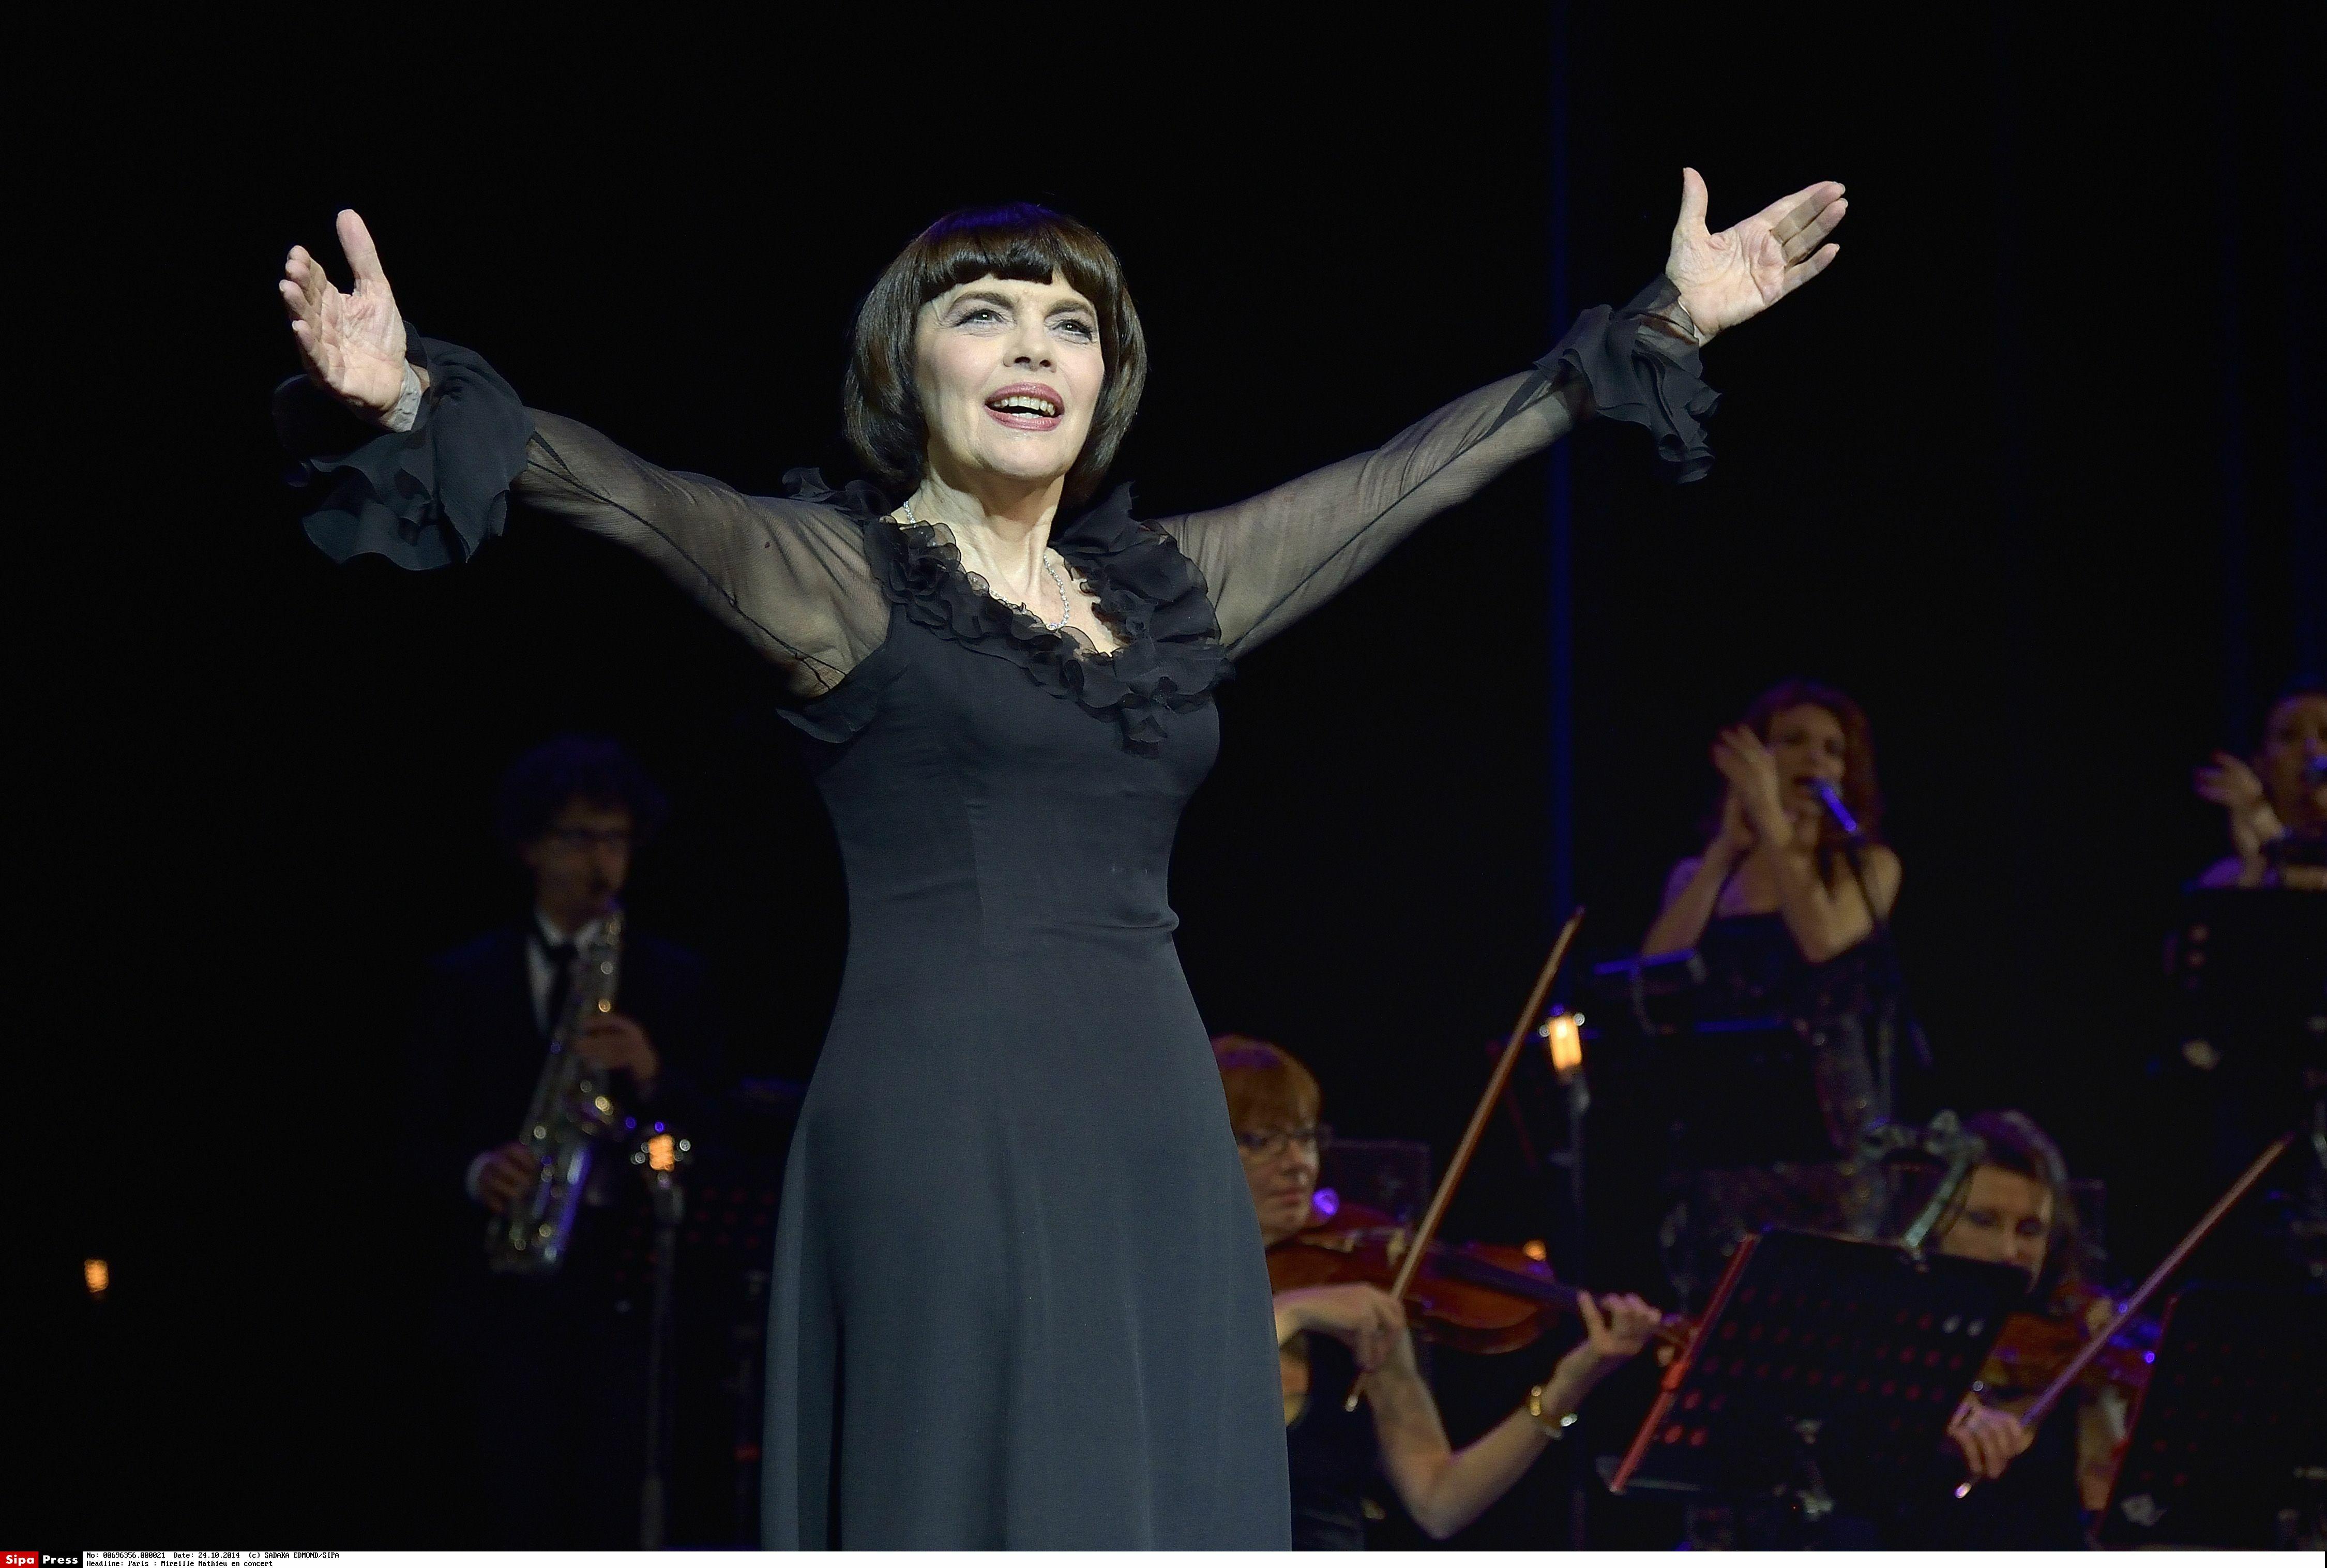 Mireille Mathieu crée l'événement en inaugurant… un tramway à son nom